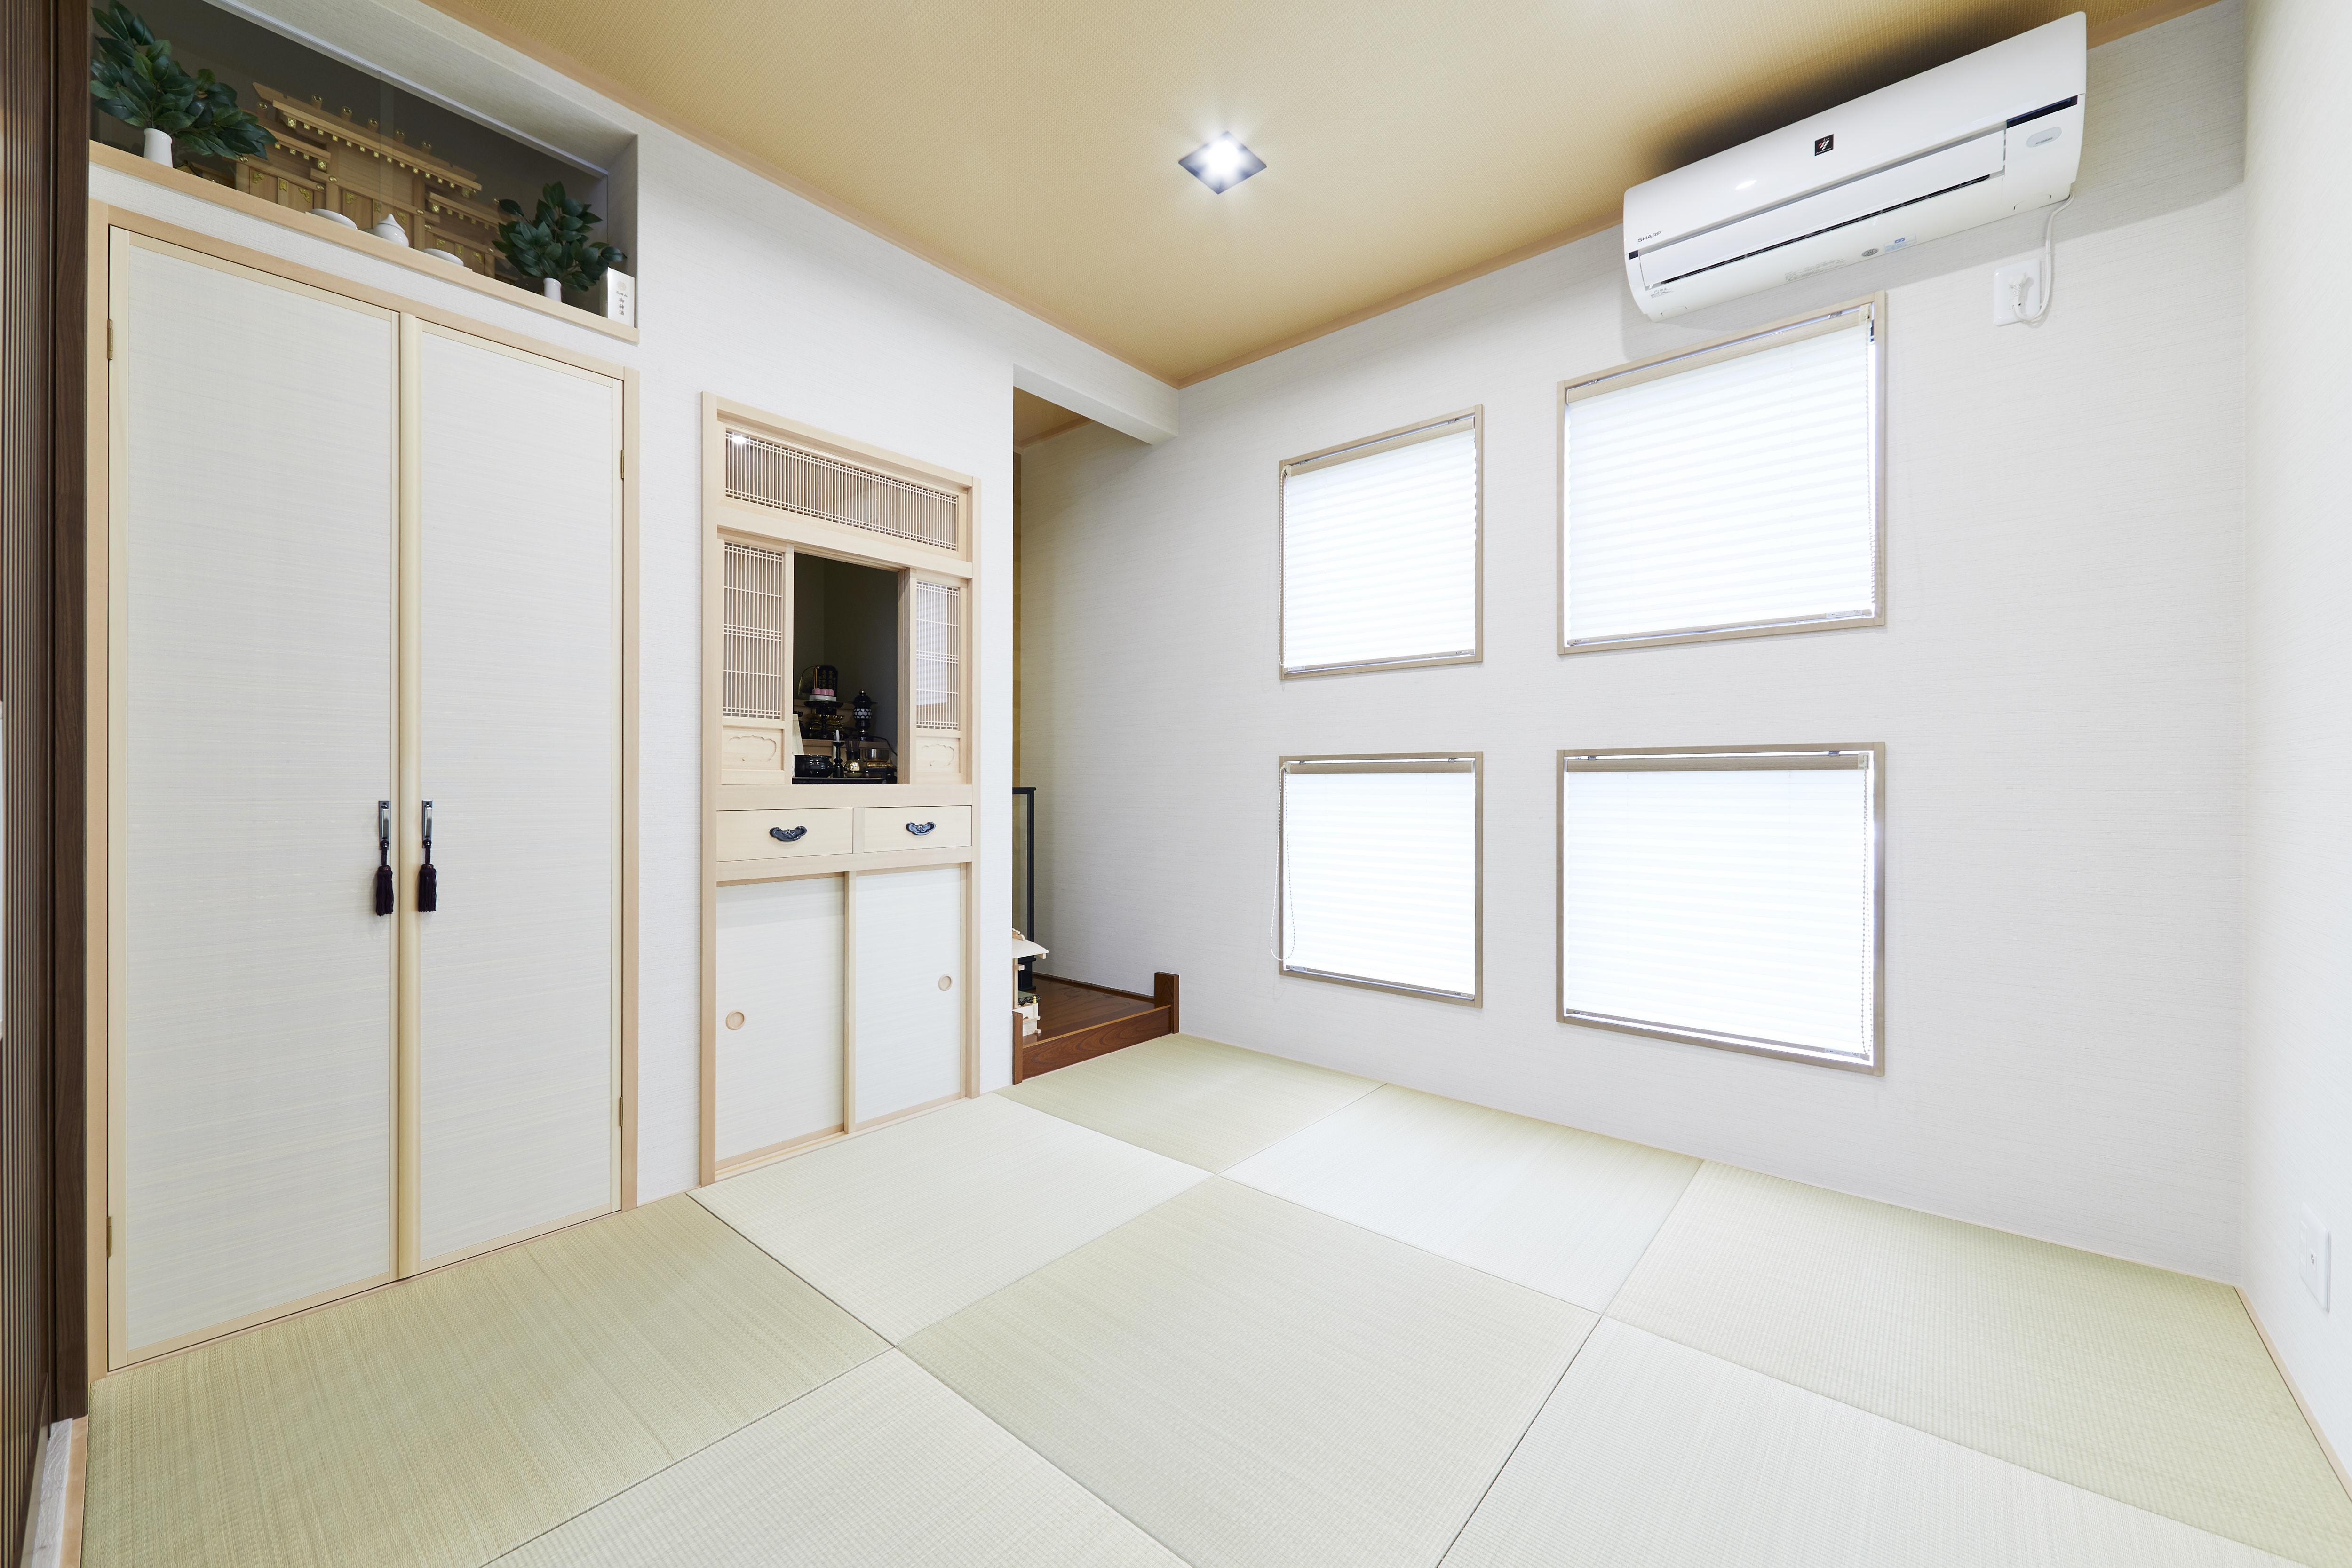 和室と四角いダウンライトの組み合わせ